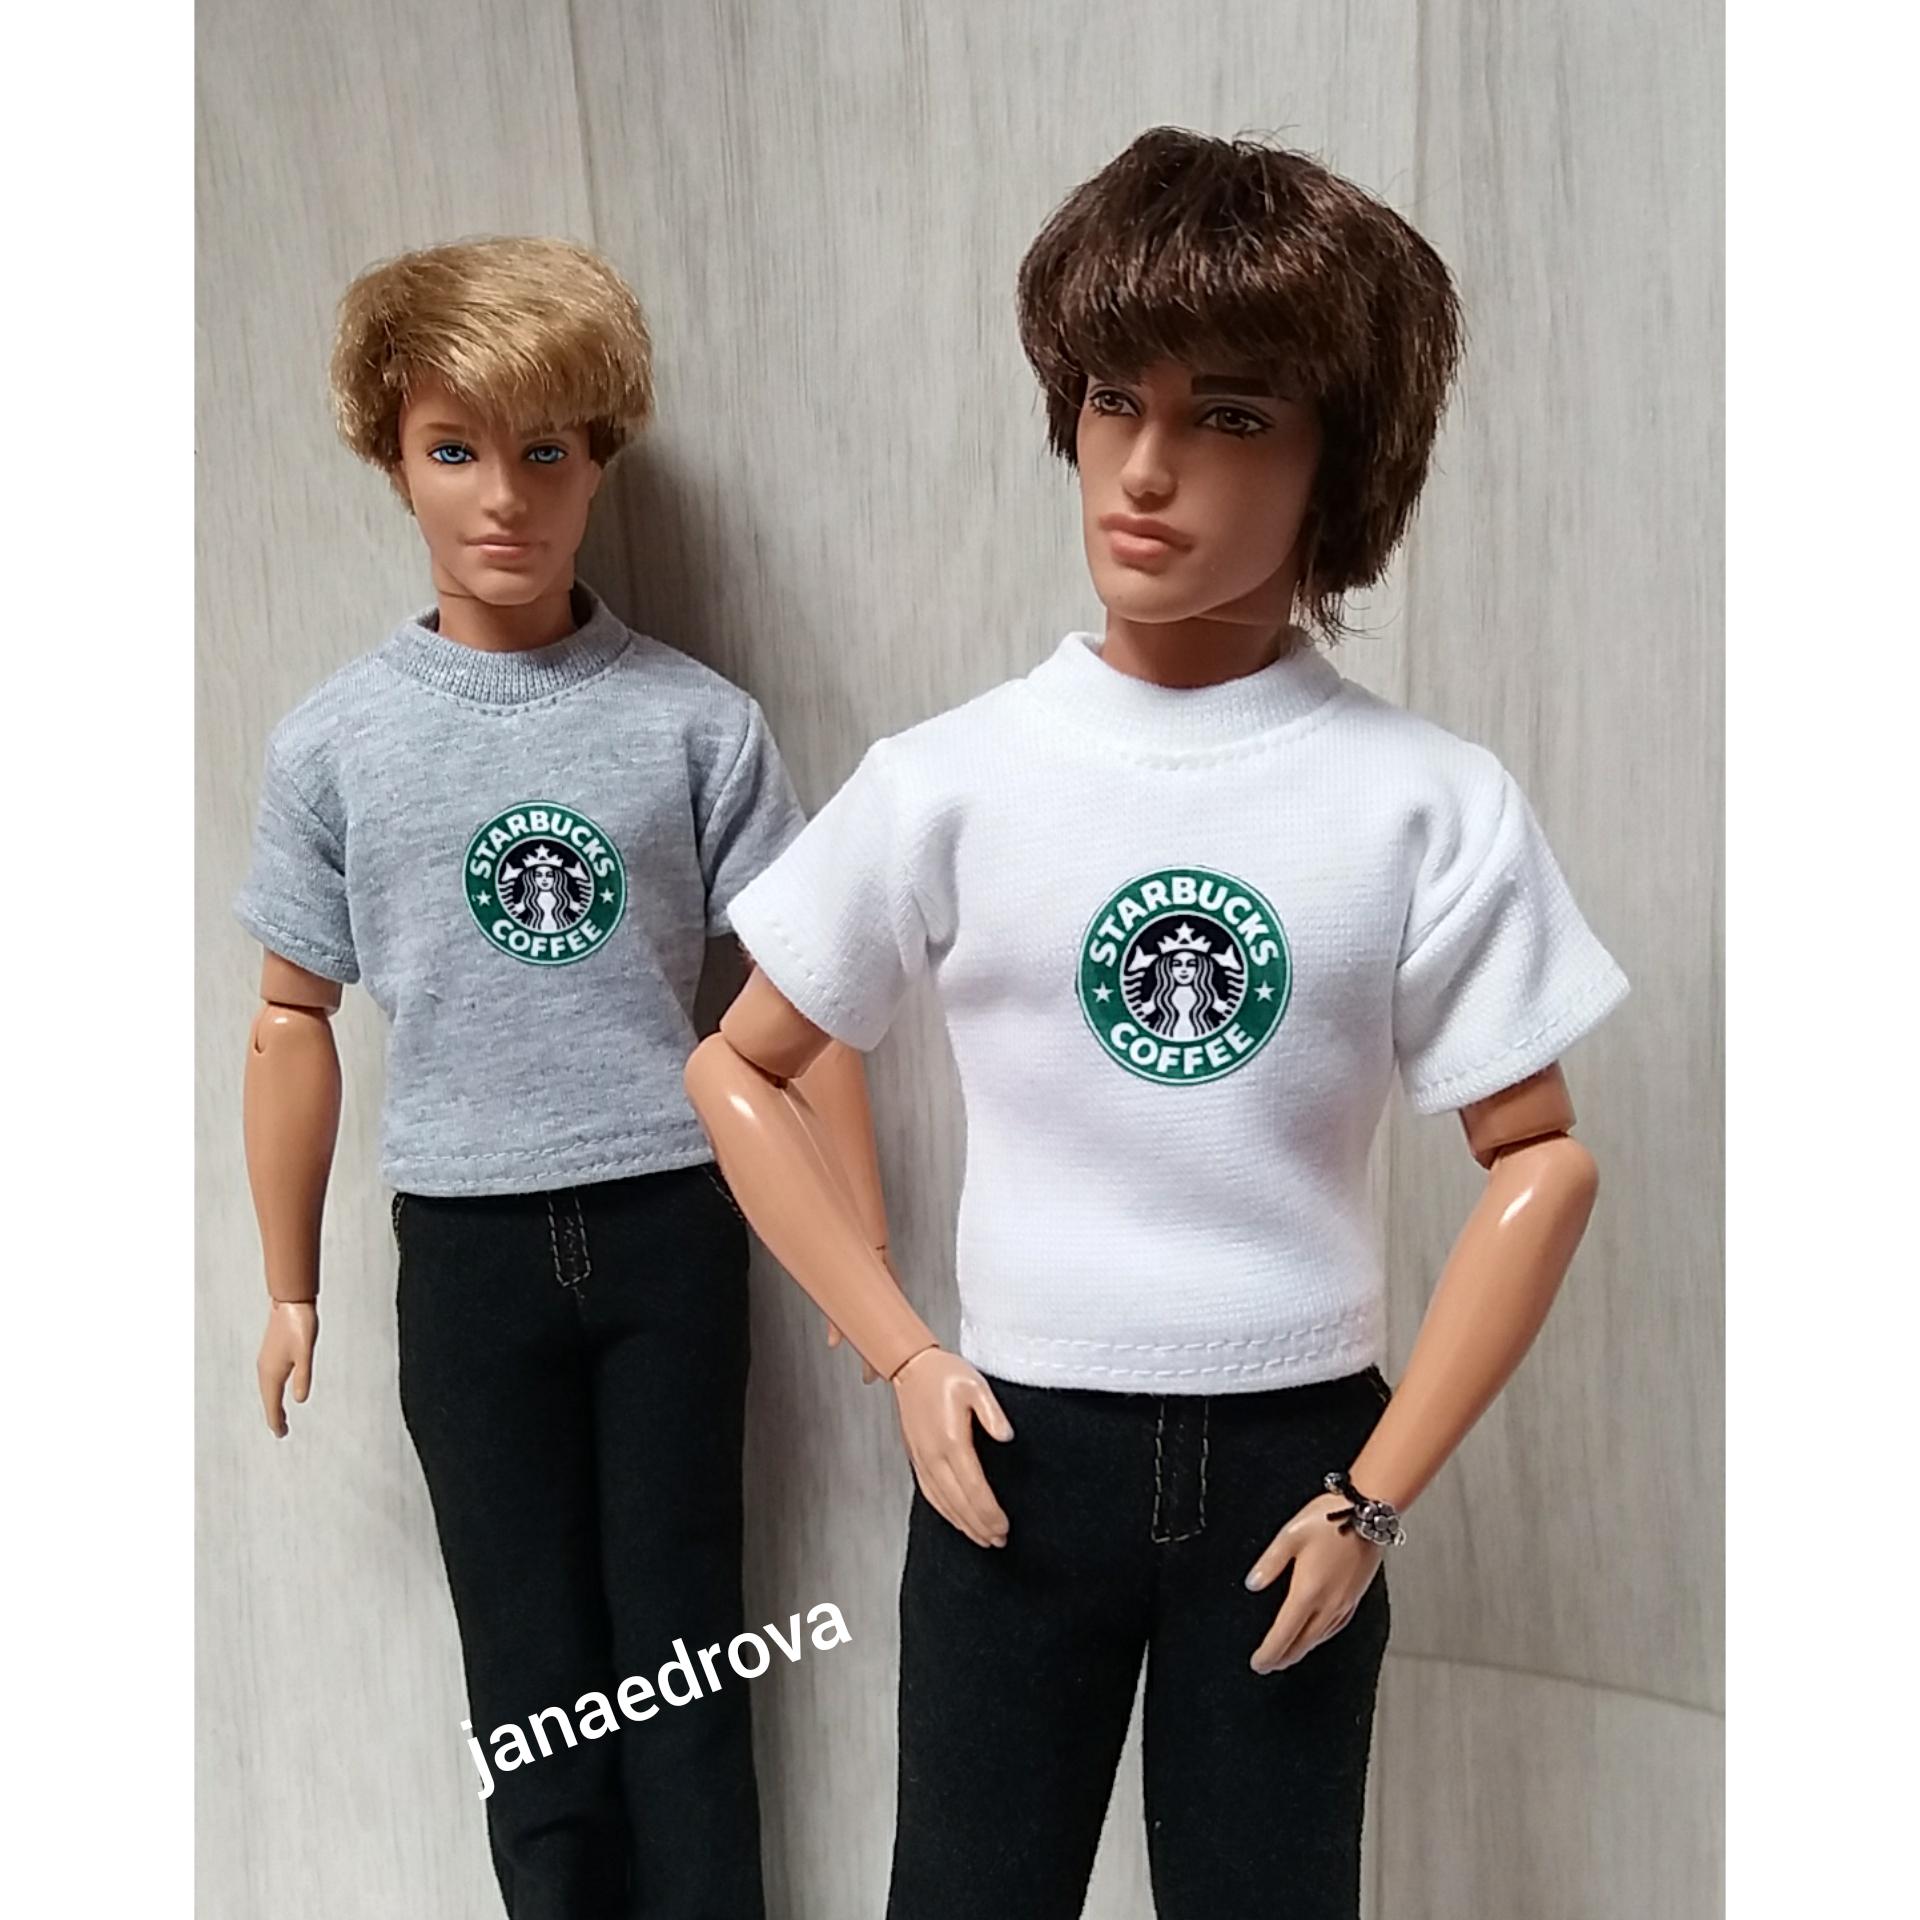 ab81747d1f Tričko na Kena - Starbucks